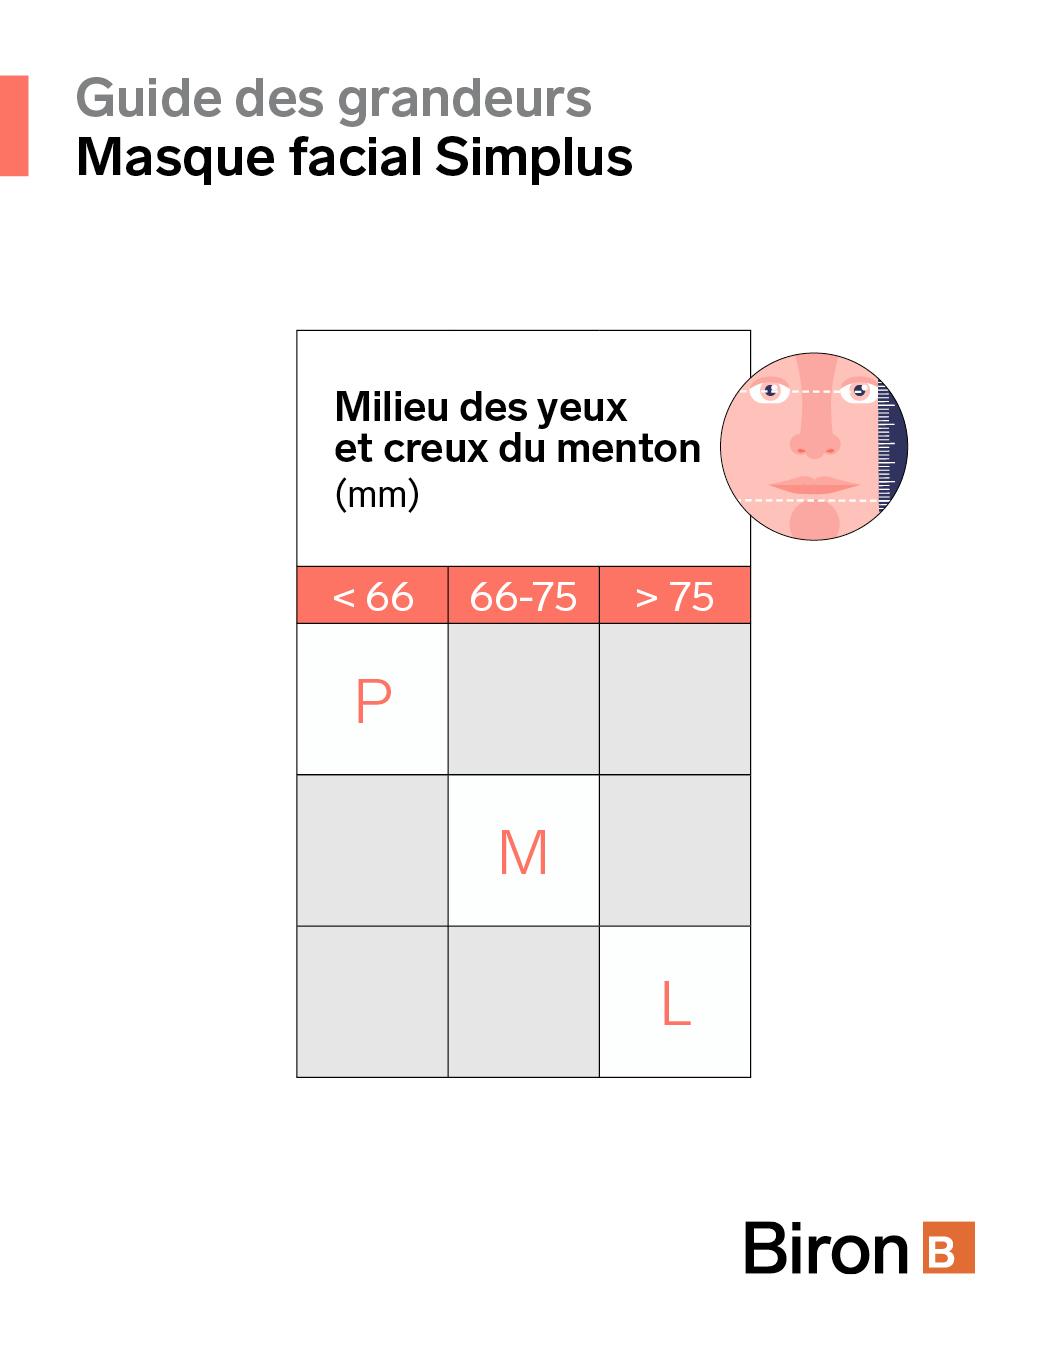 Gabarit grandeur Masque facial Simplus